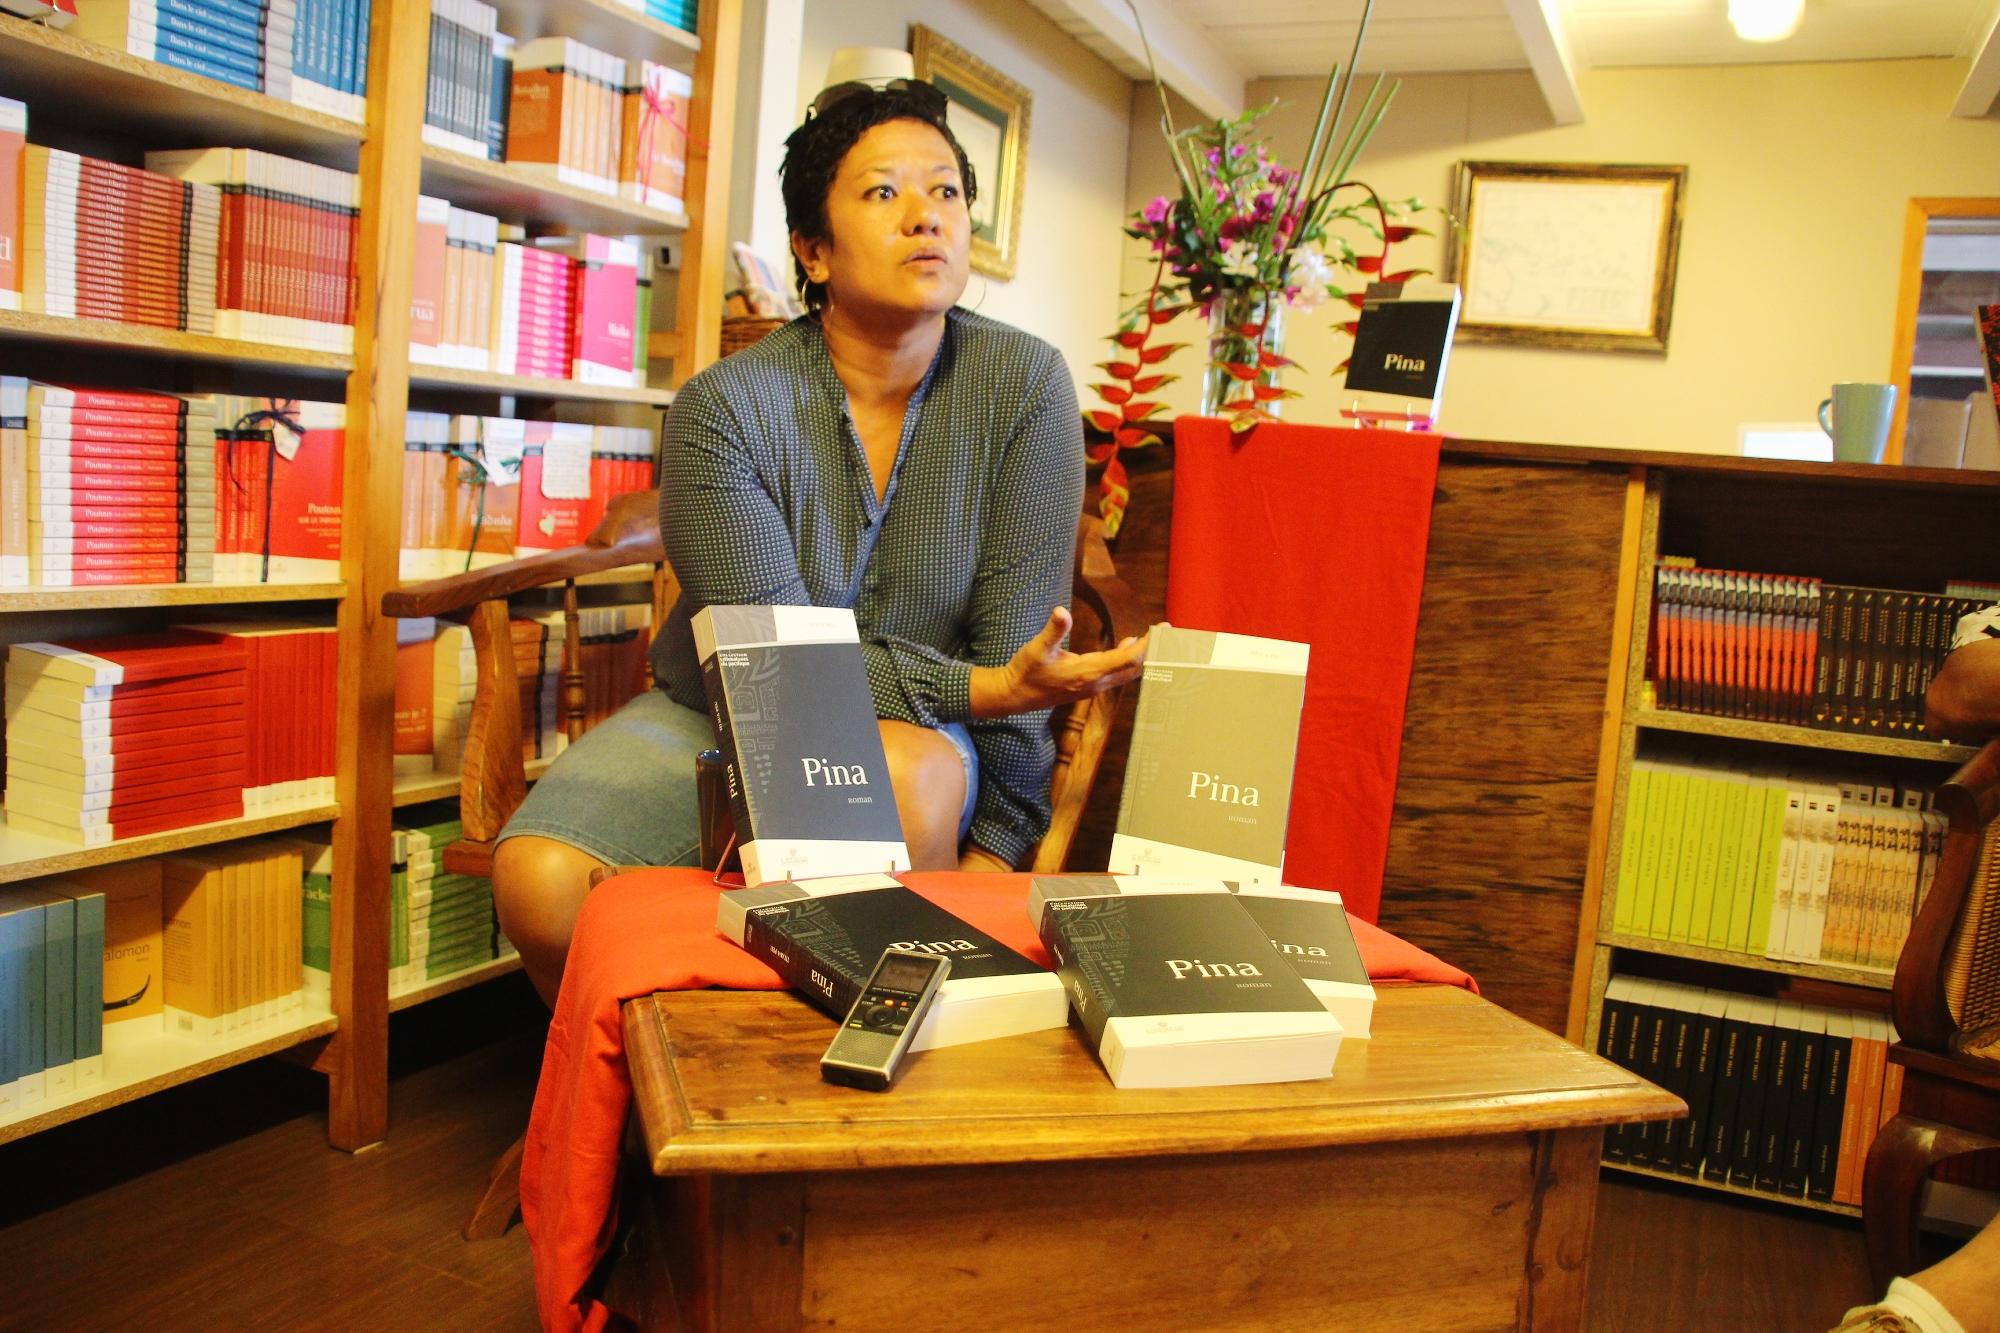 Littérature en Outre-mer: «Nous sommes une littérature parmi les autres, une littérature à part entière», Titaua Peu